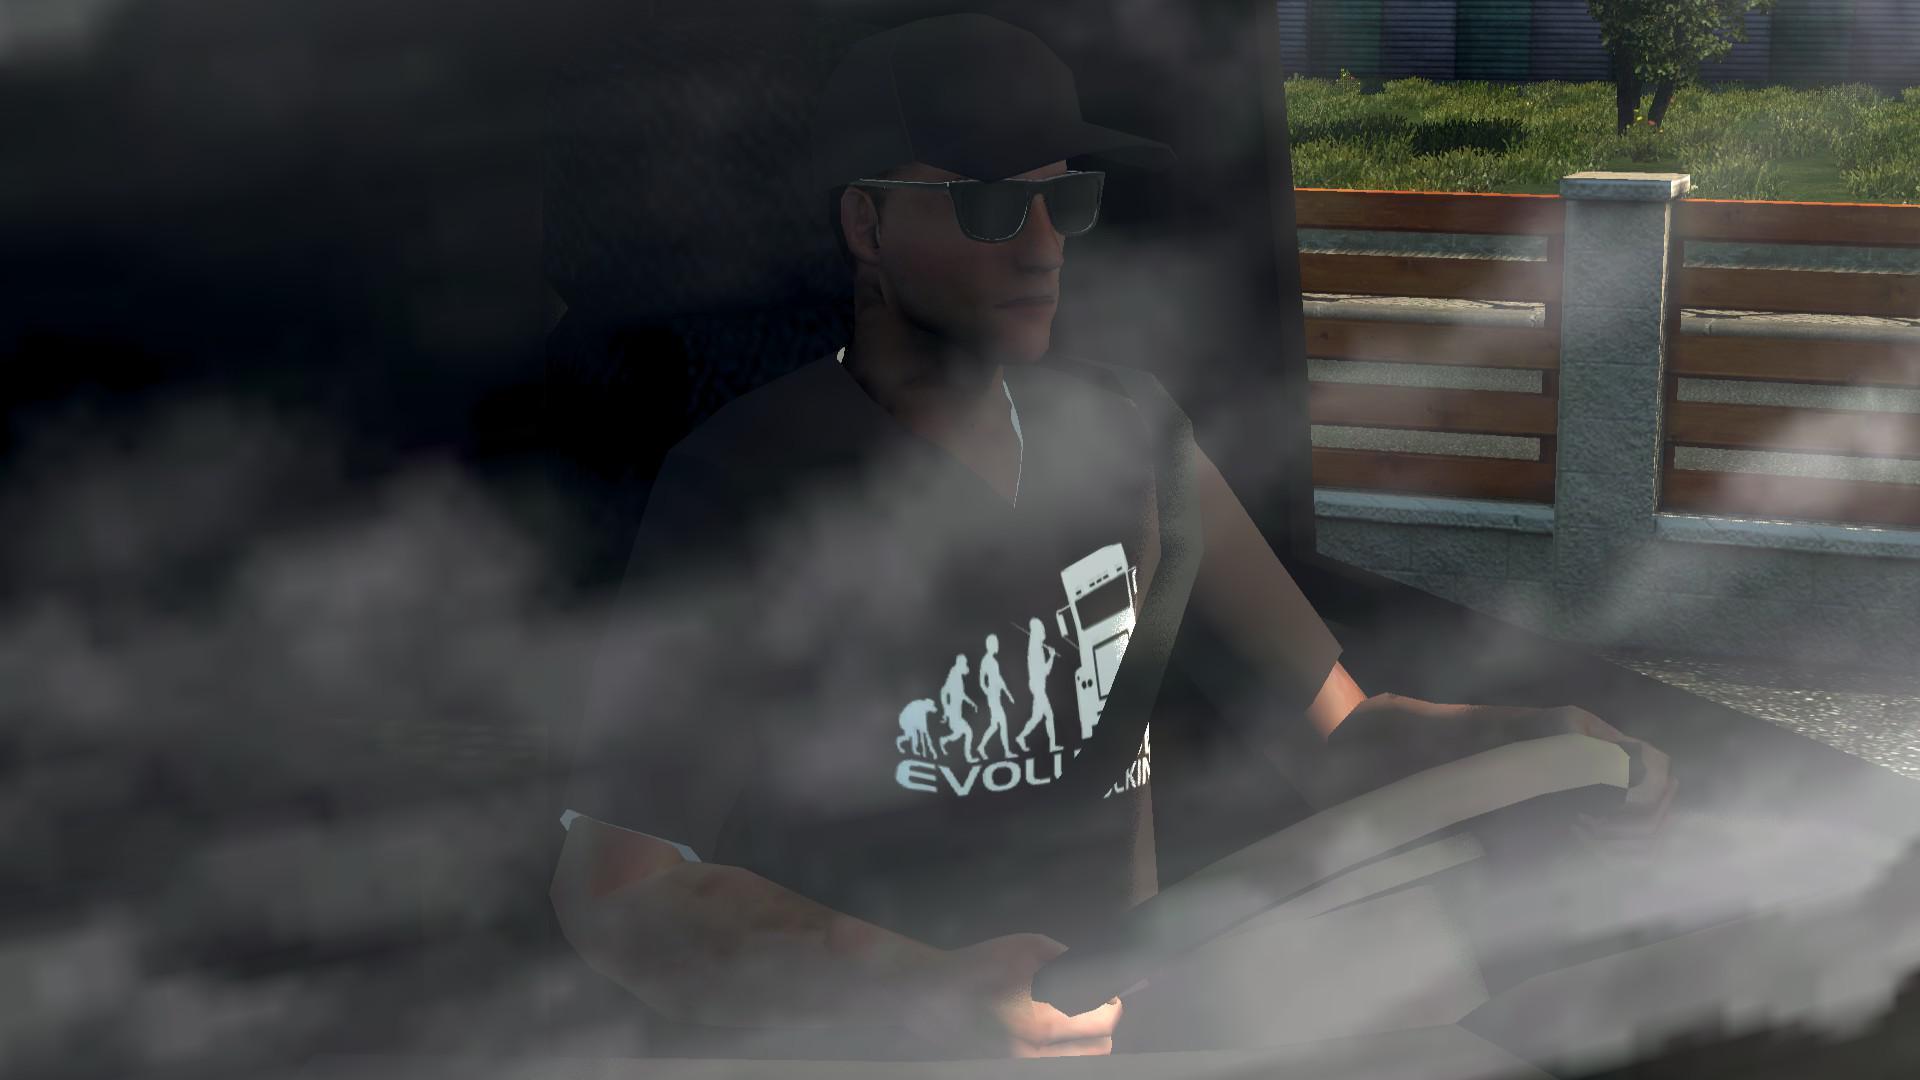 Vous rêvez de prendre le volant à bord d'un poids lourd ? Eh bien voici, Euro Truck Simulator 2 un jeu de conduite qui présente dans sa seconde version.